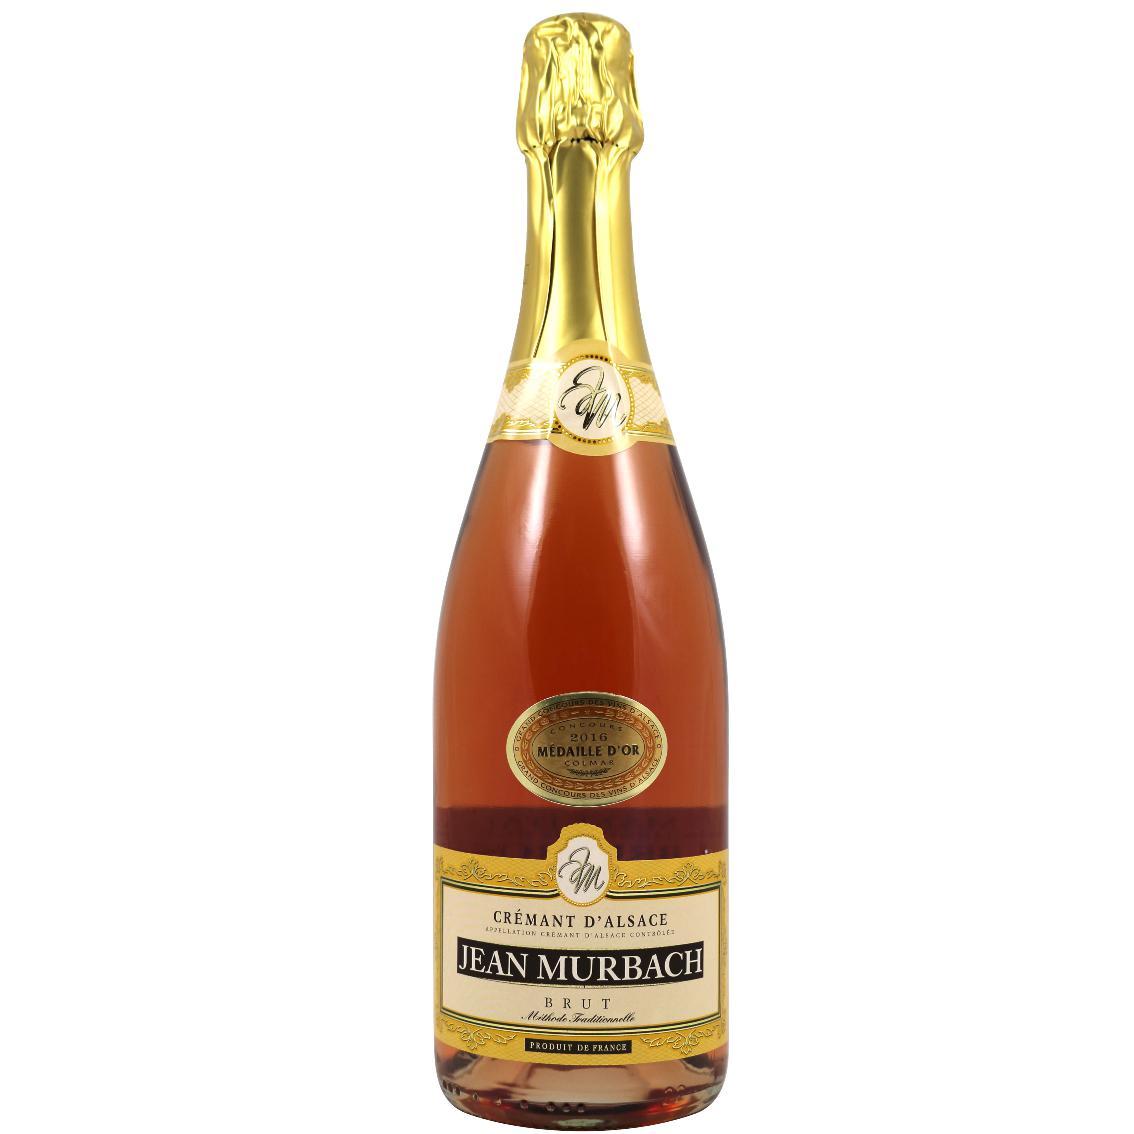 Crémant D' Alsace Rose - Jean Murbach